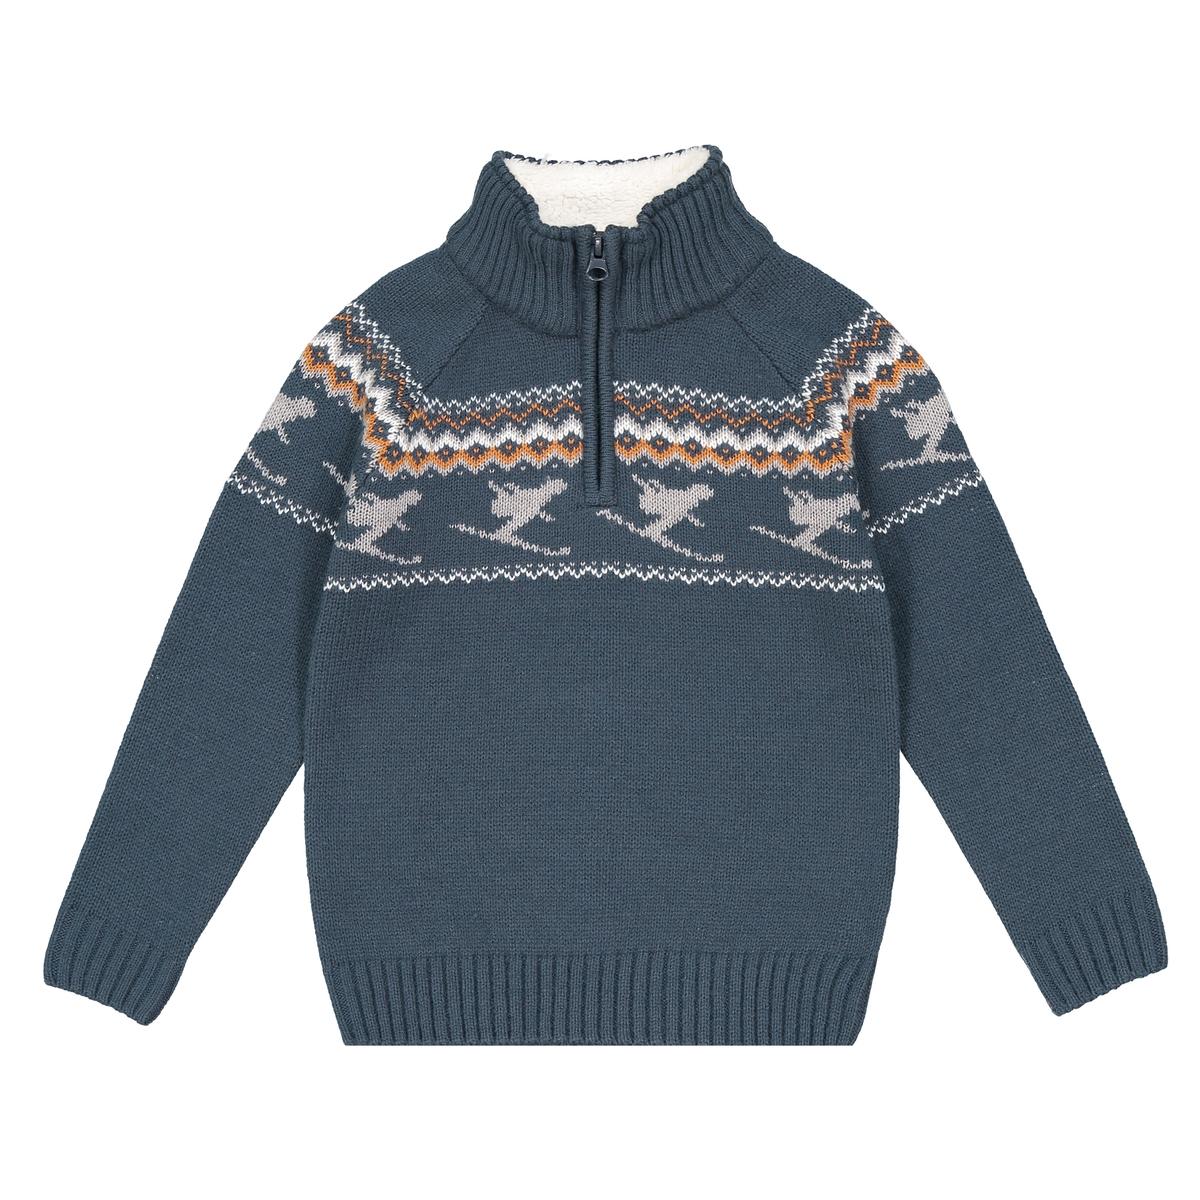 Пуловер с воротником-стойкой, 3-12 лет